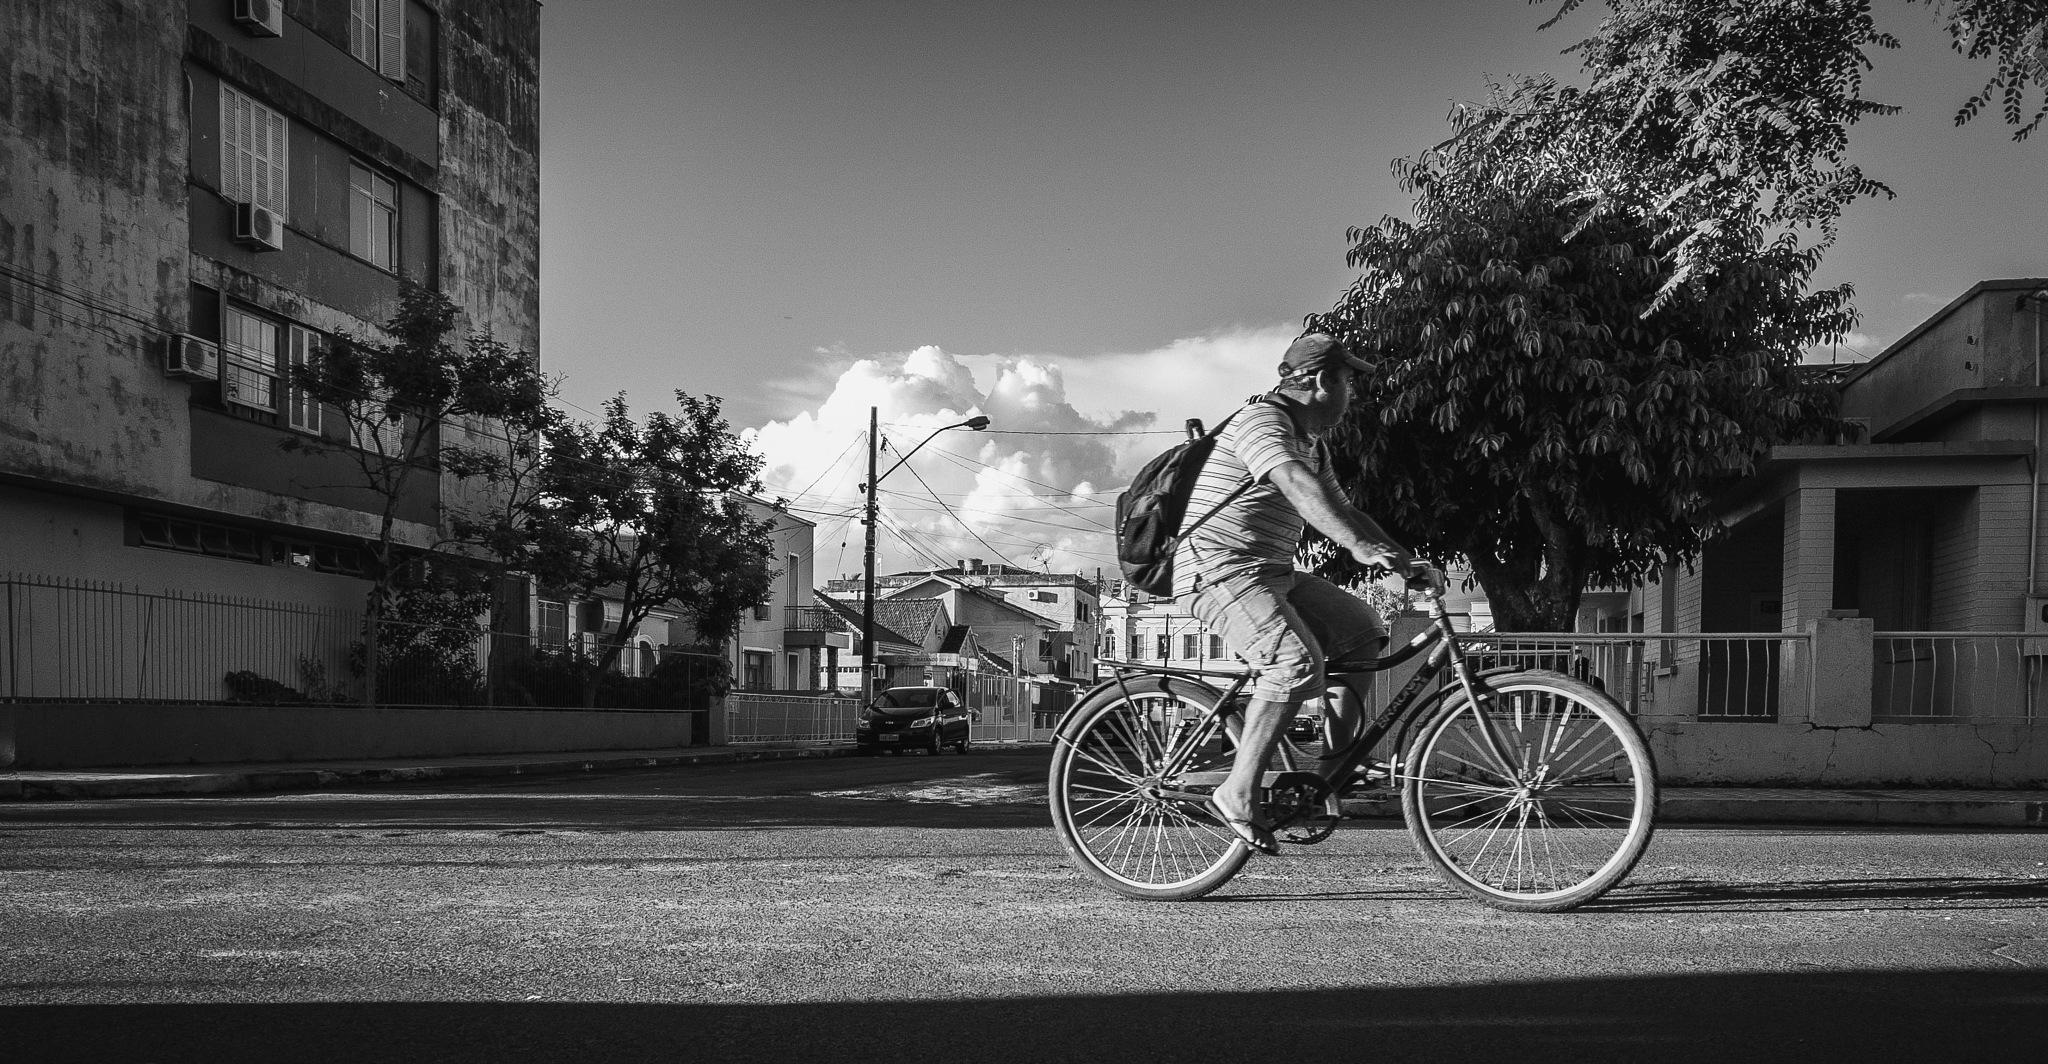 Biker by jeanmagnofotografia